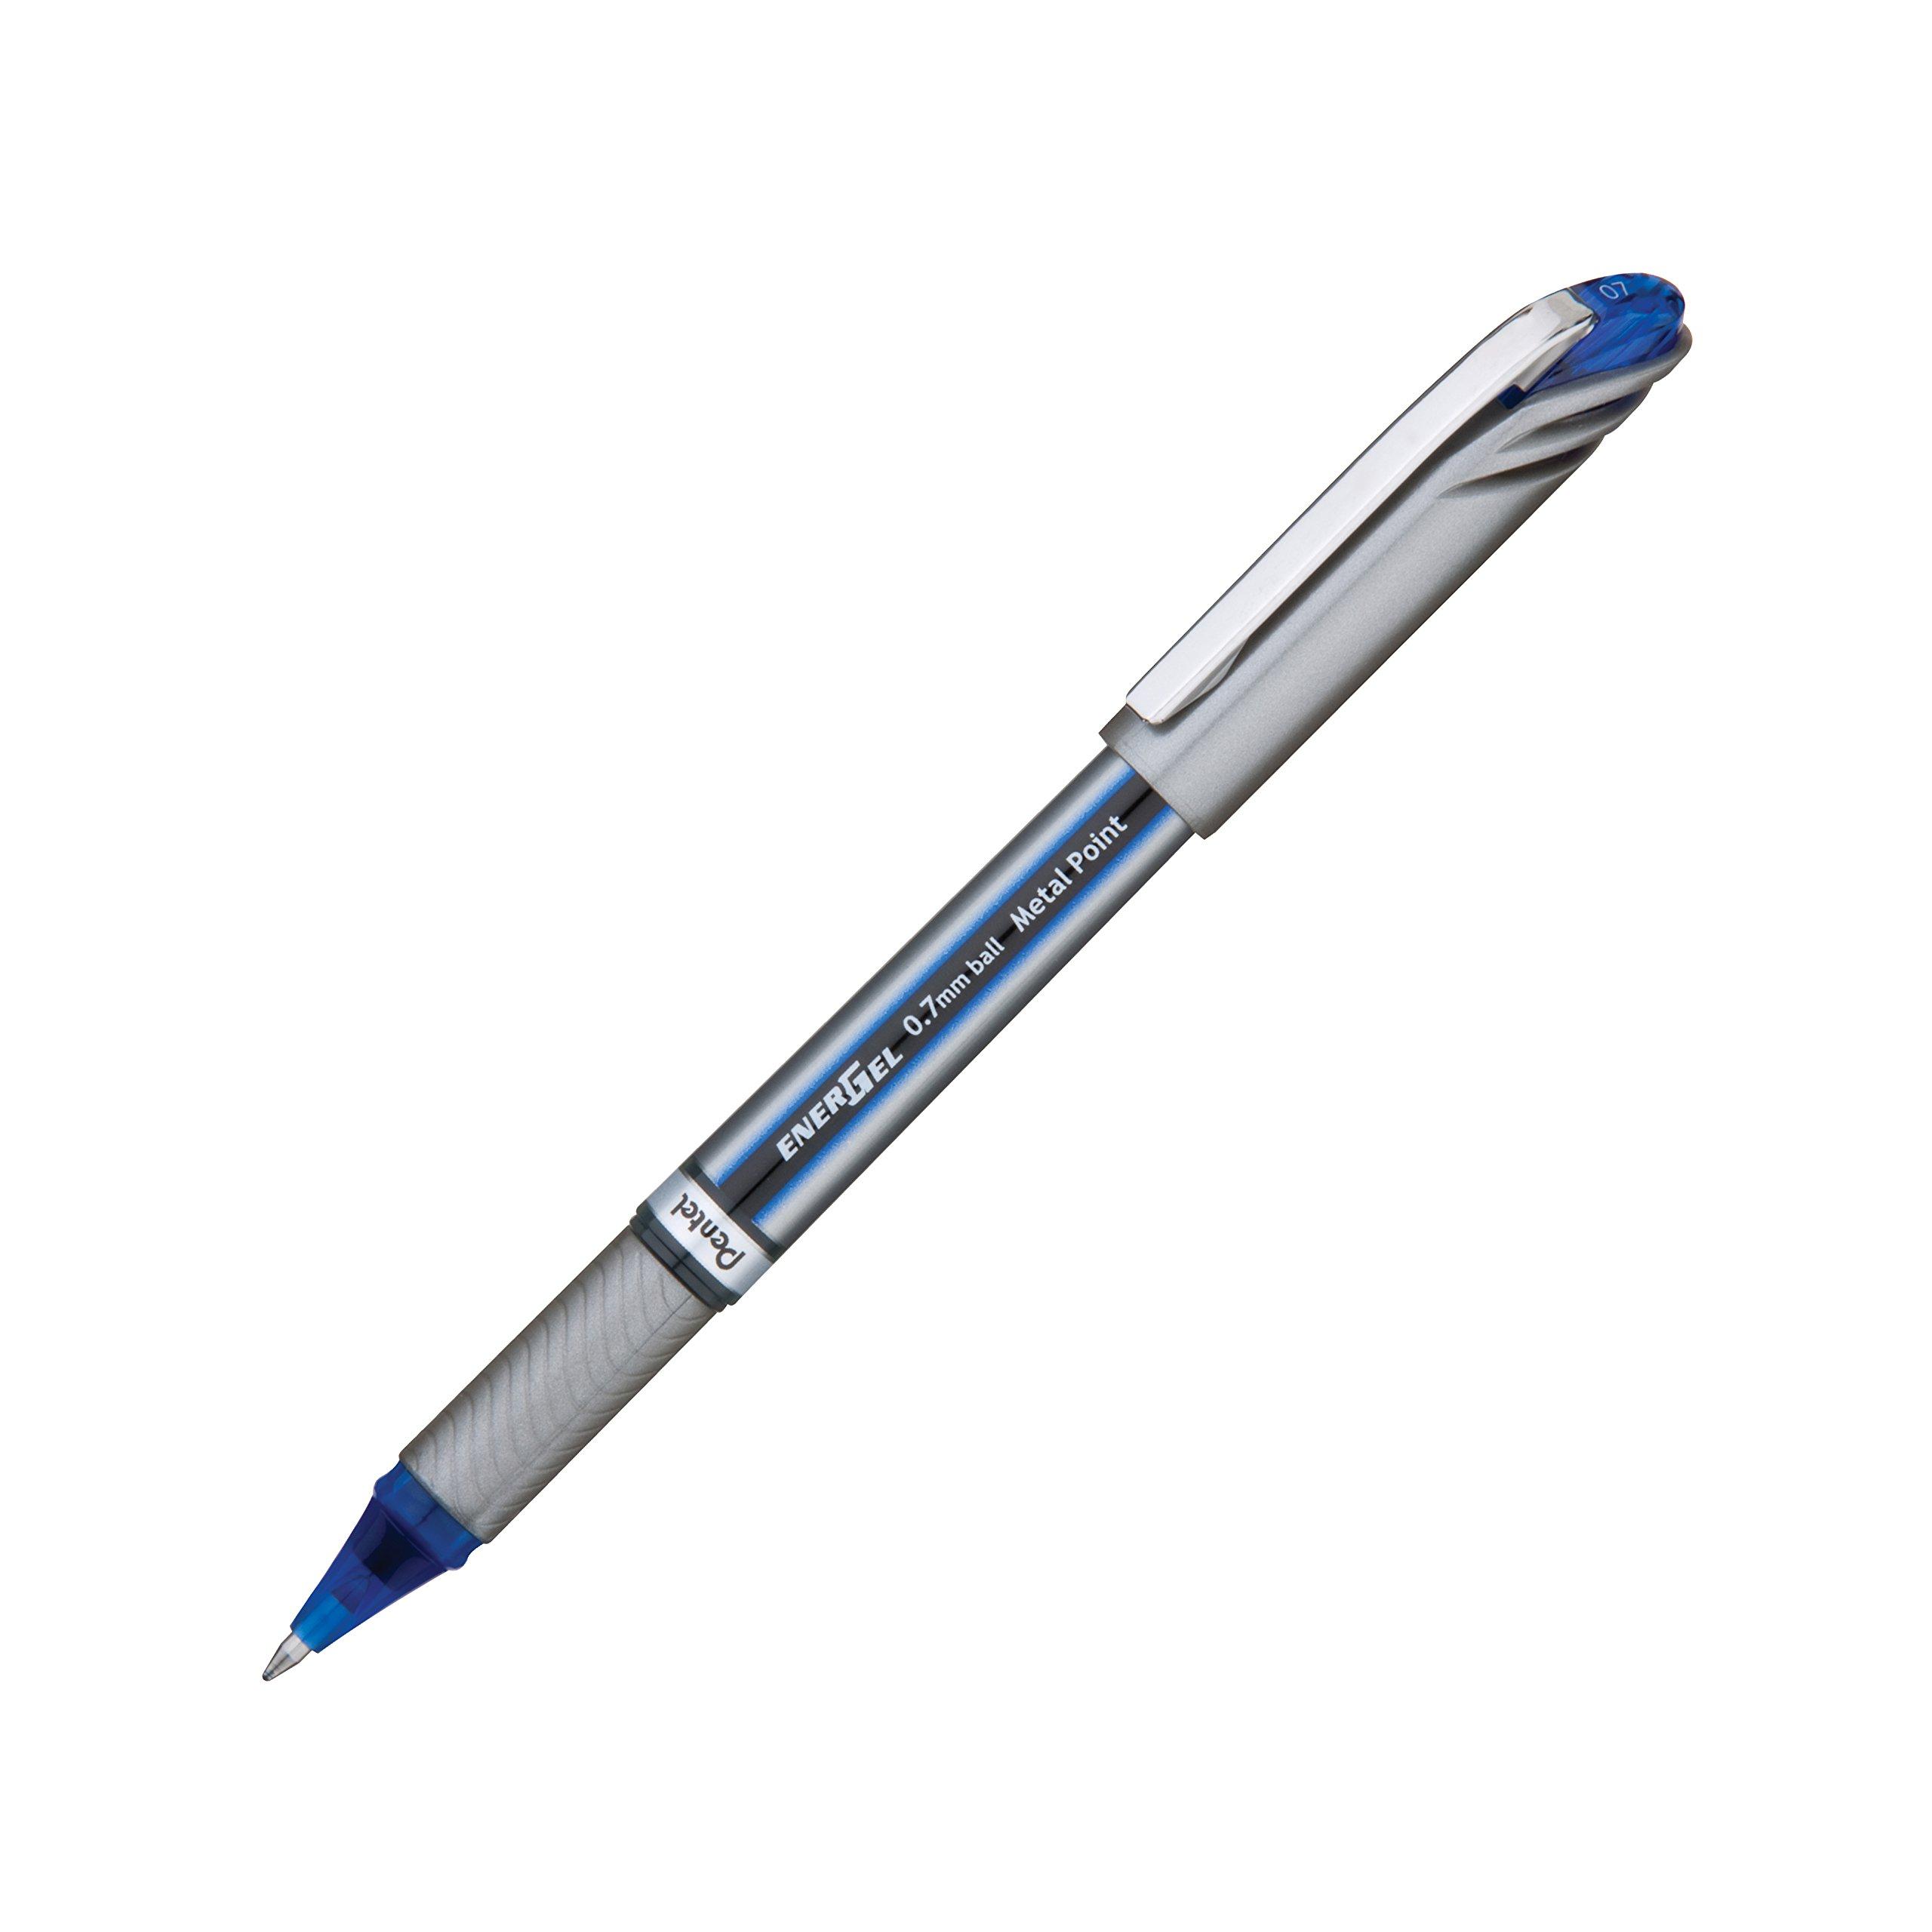 Pentel EnerGel NV Liquid Gel Pen, 0.7mm, Medium Line Capped, Metal Tip, Blue Ink, Box of 12 (BL27-C) by Pentel (Image #2)